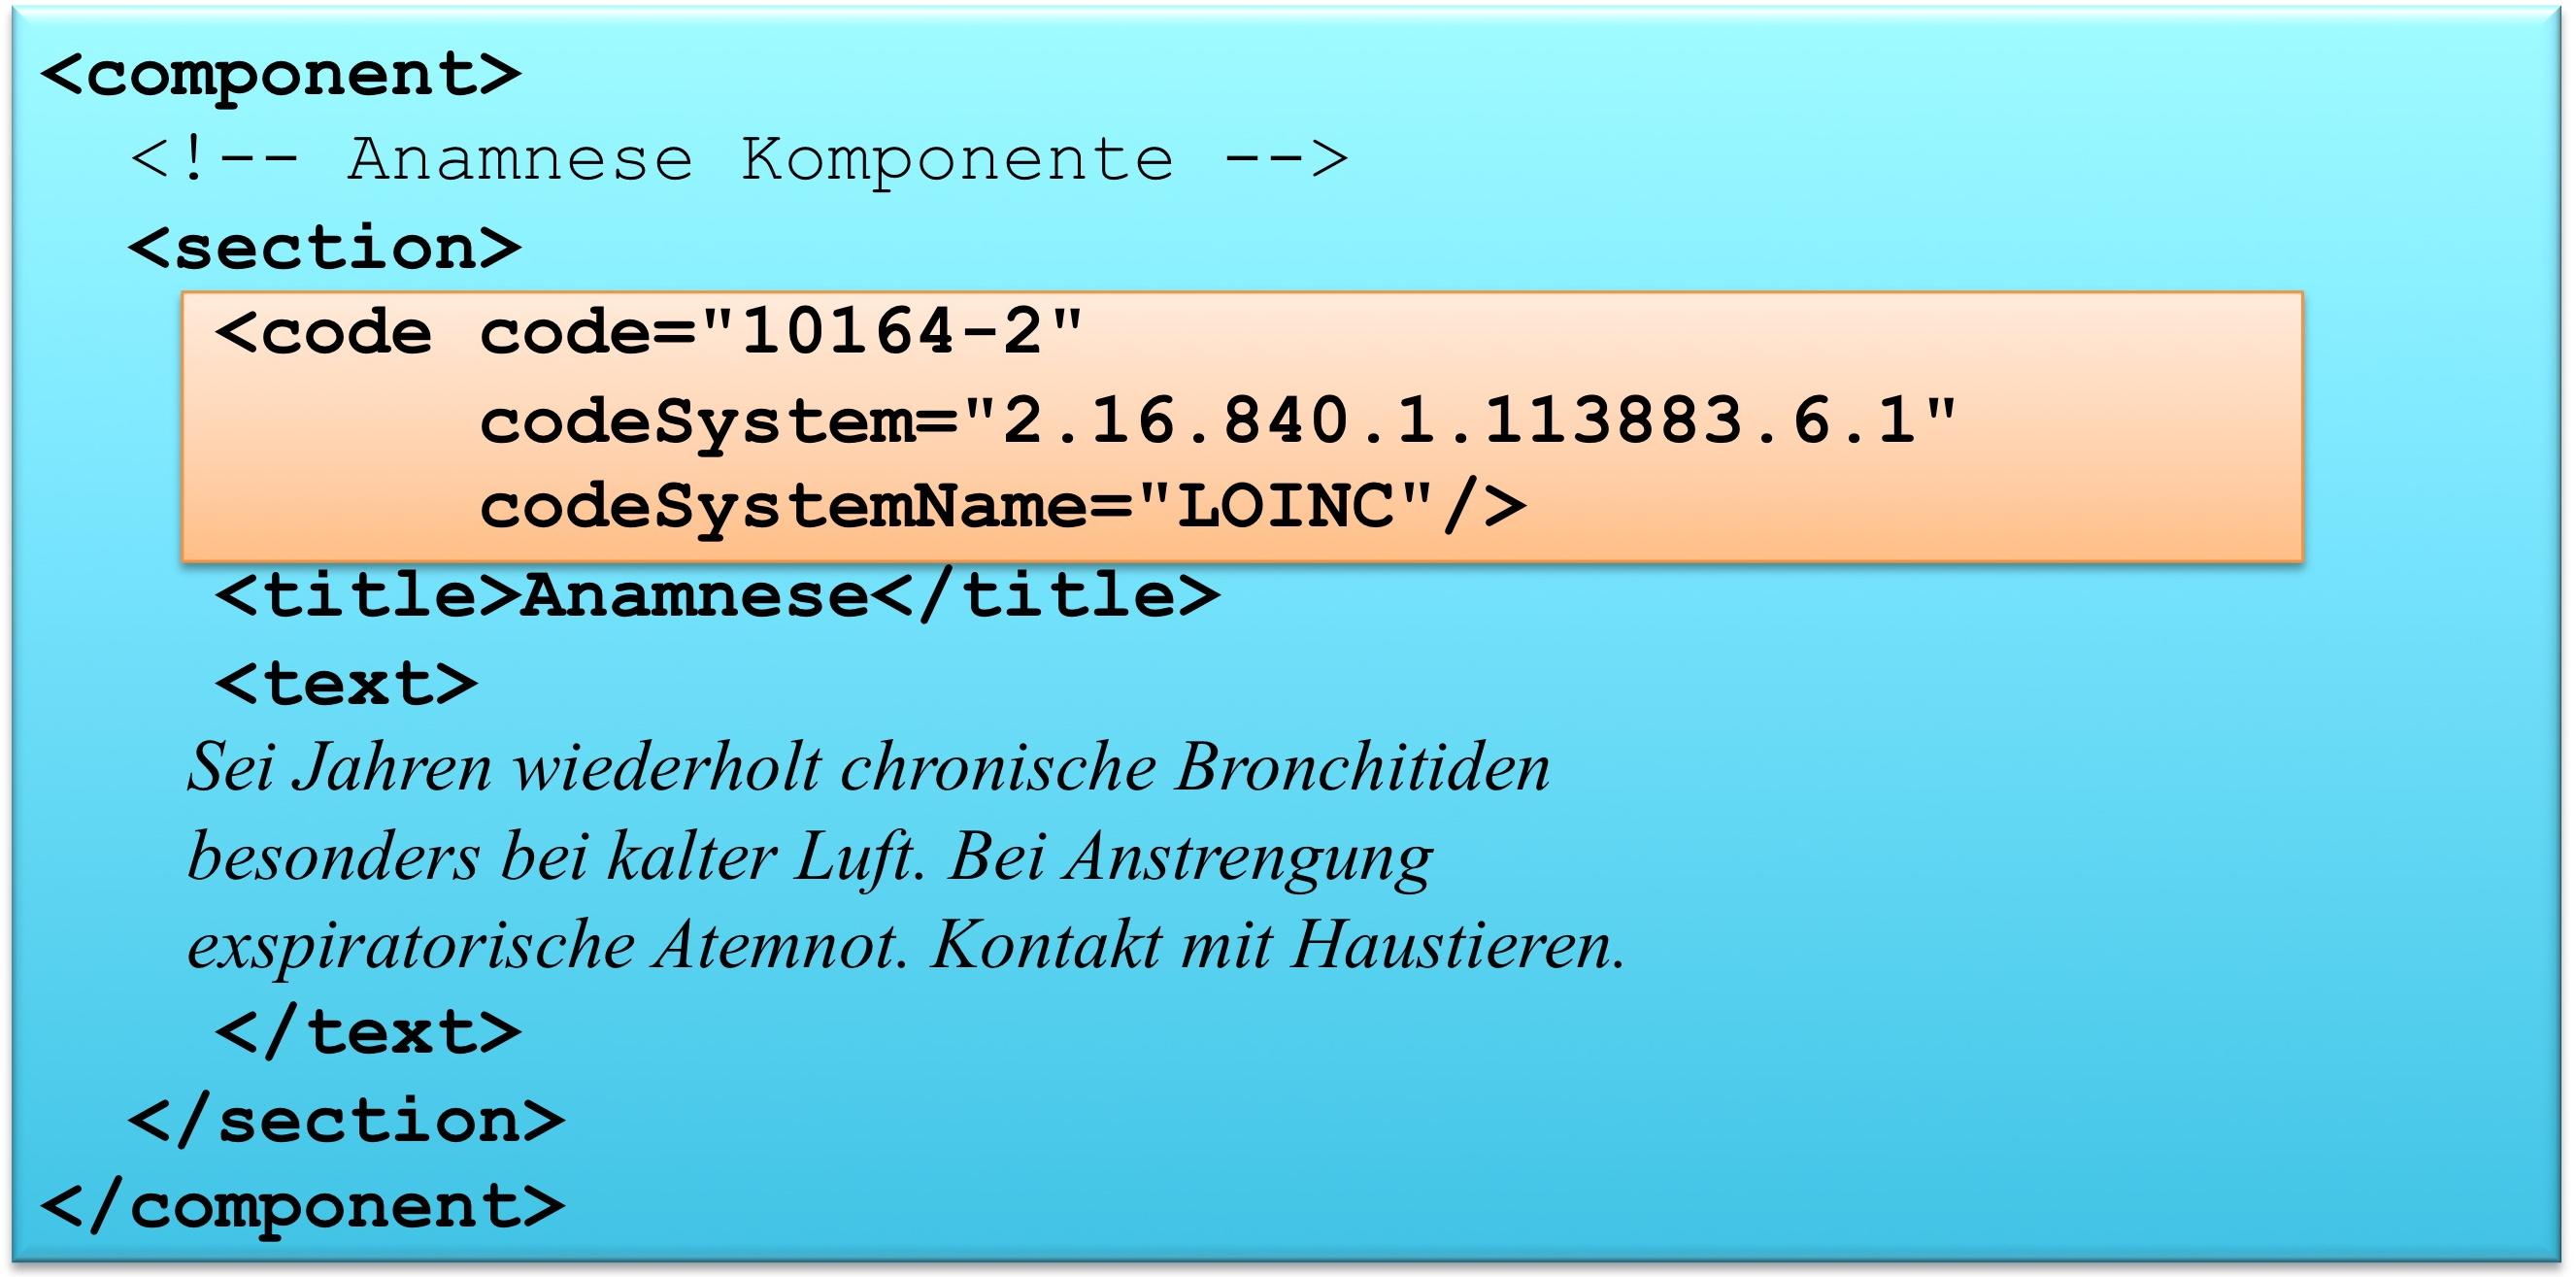 IG:Arztbrief 2014 – Hl7wiki